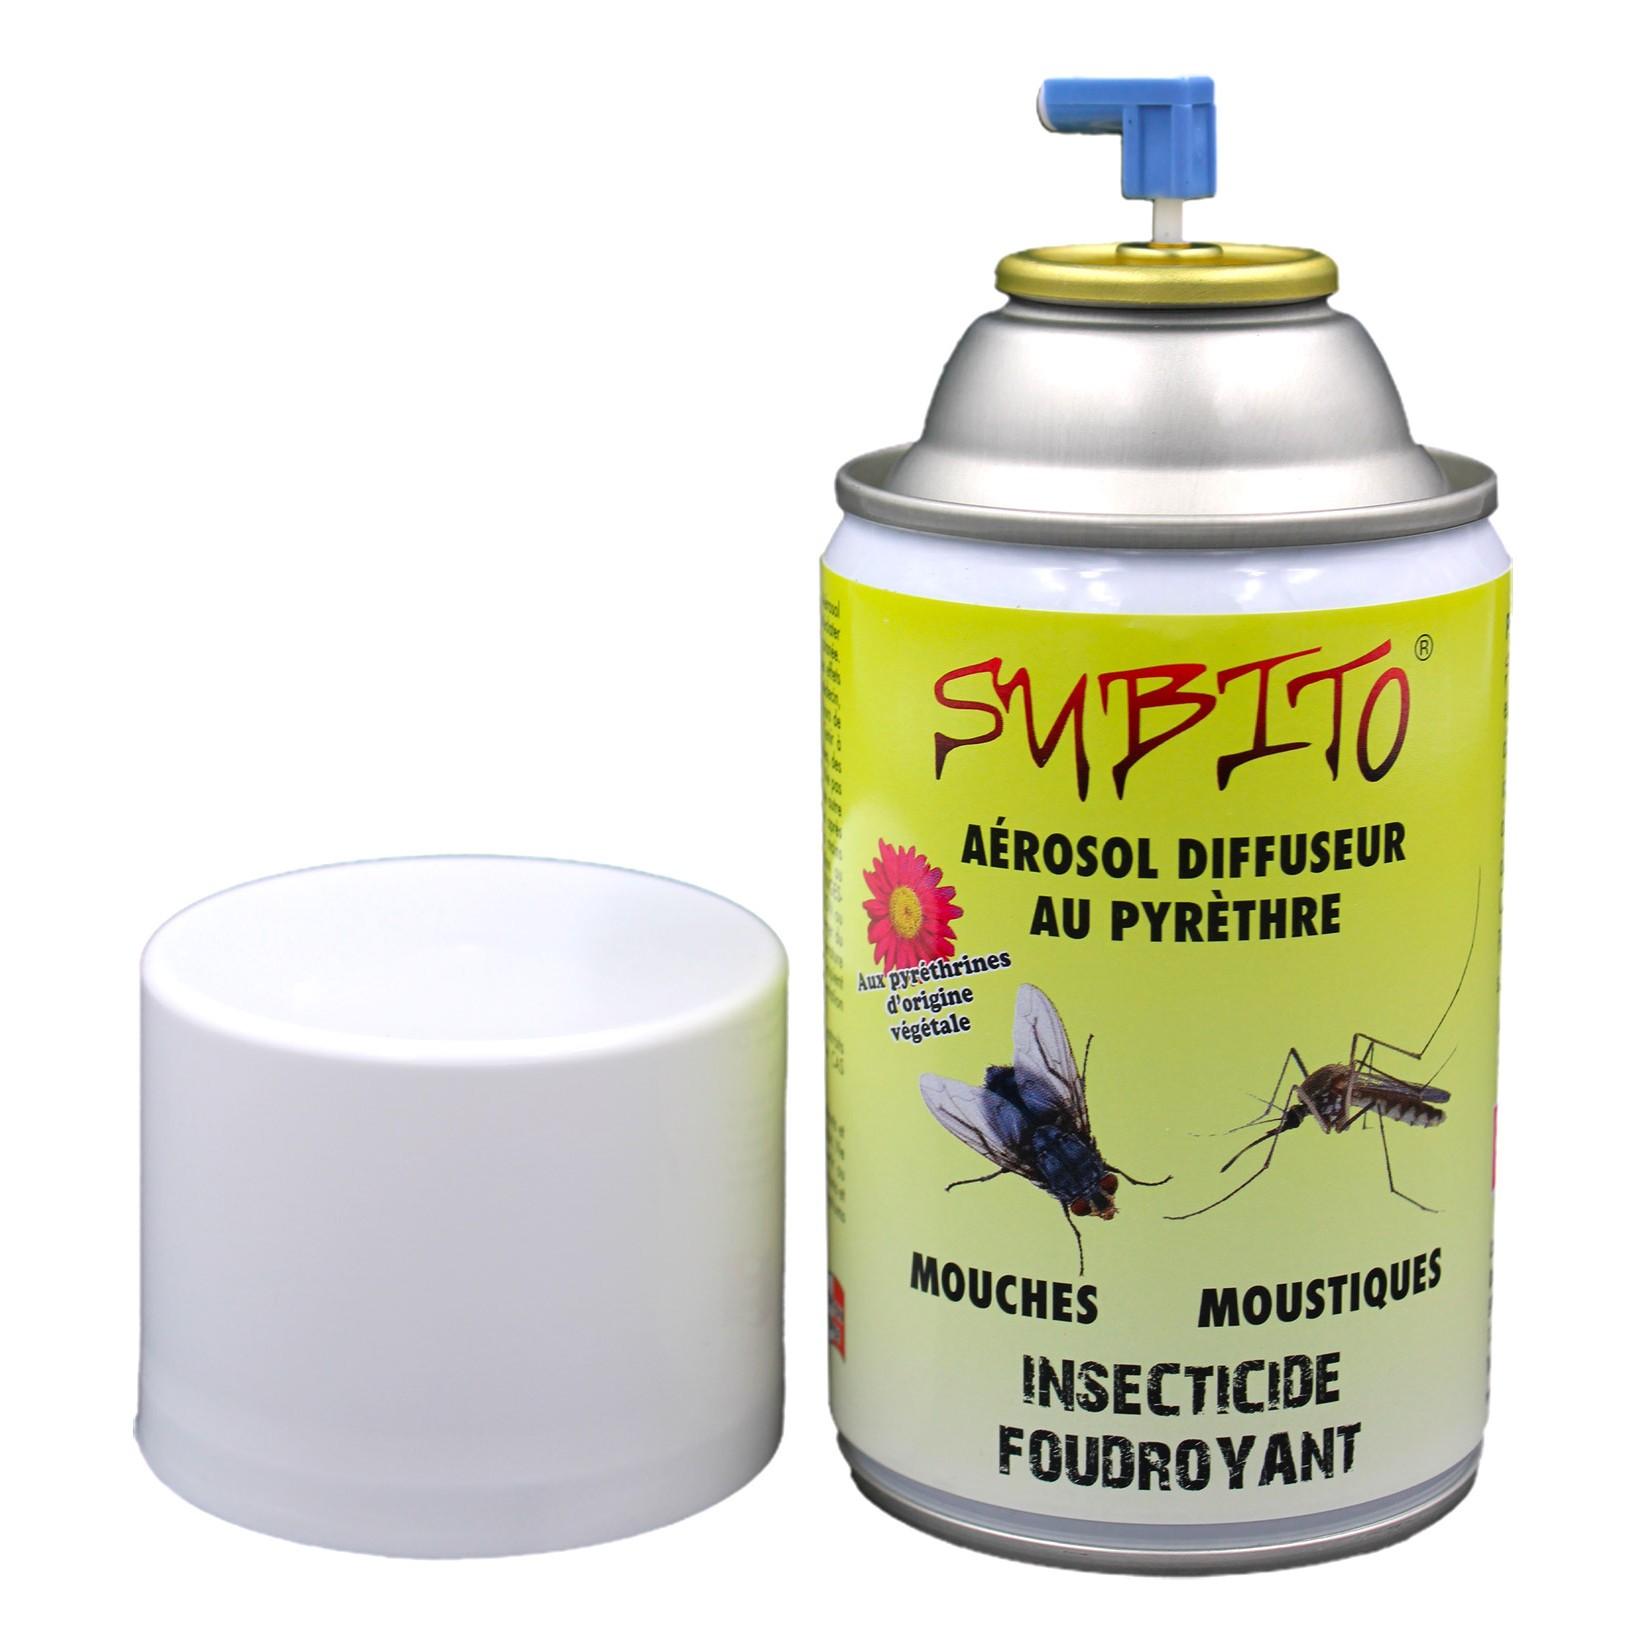 Aérosol diffuseur au Pyrèthre insecticide mouches et moustiques de Subito | Insecticide Antinuisible Qualité Professionnelle